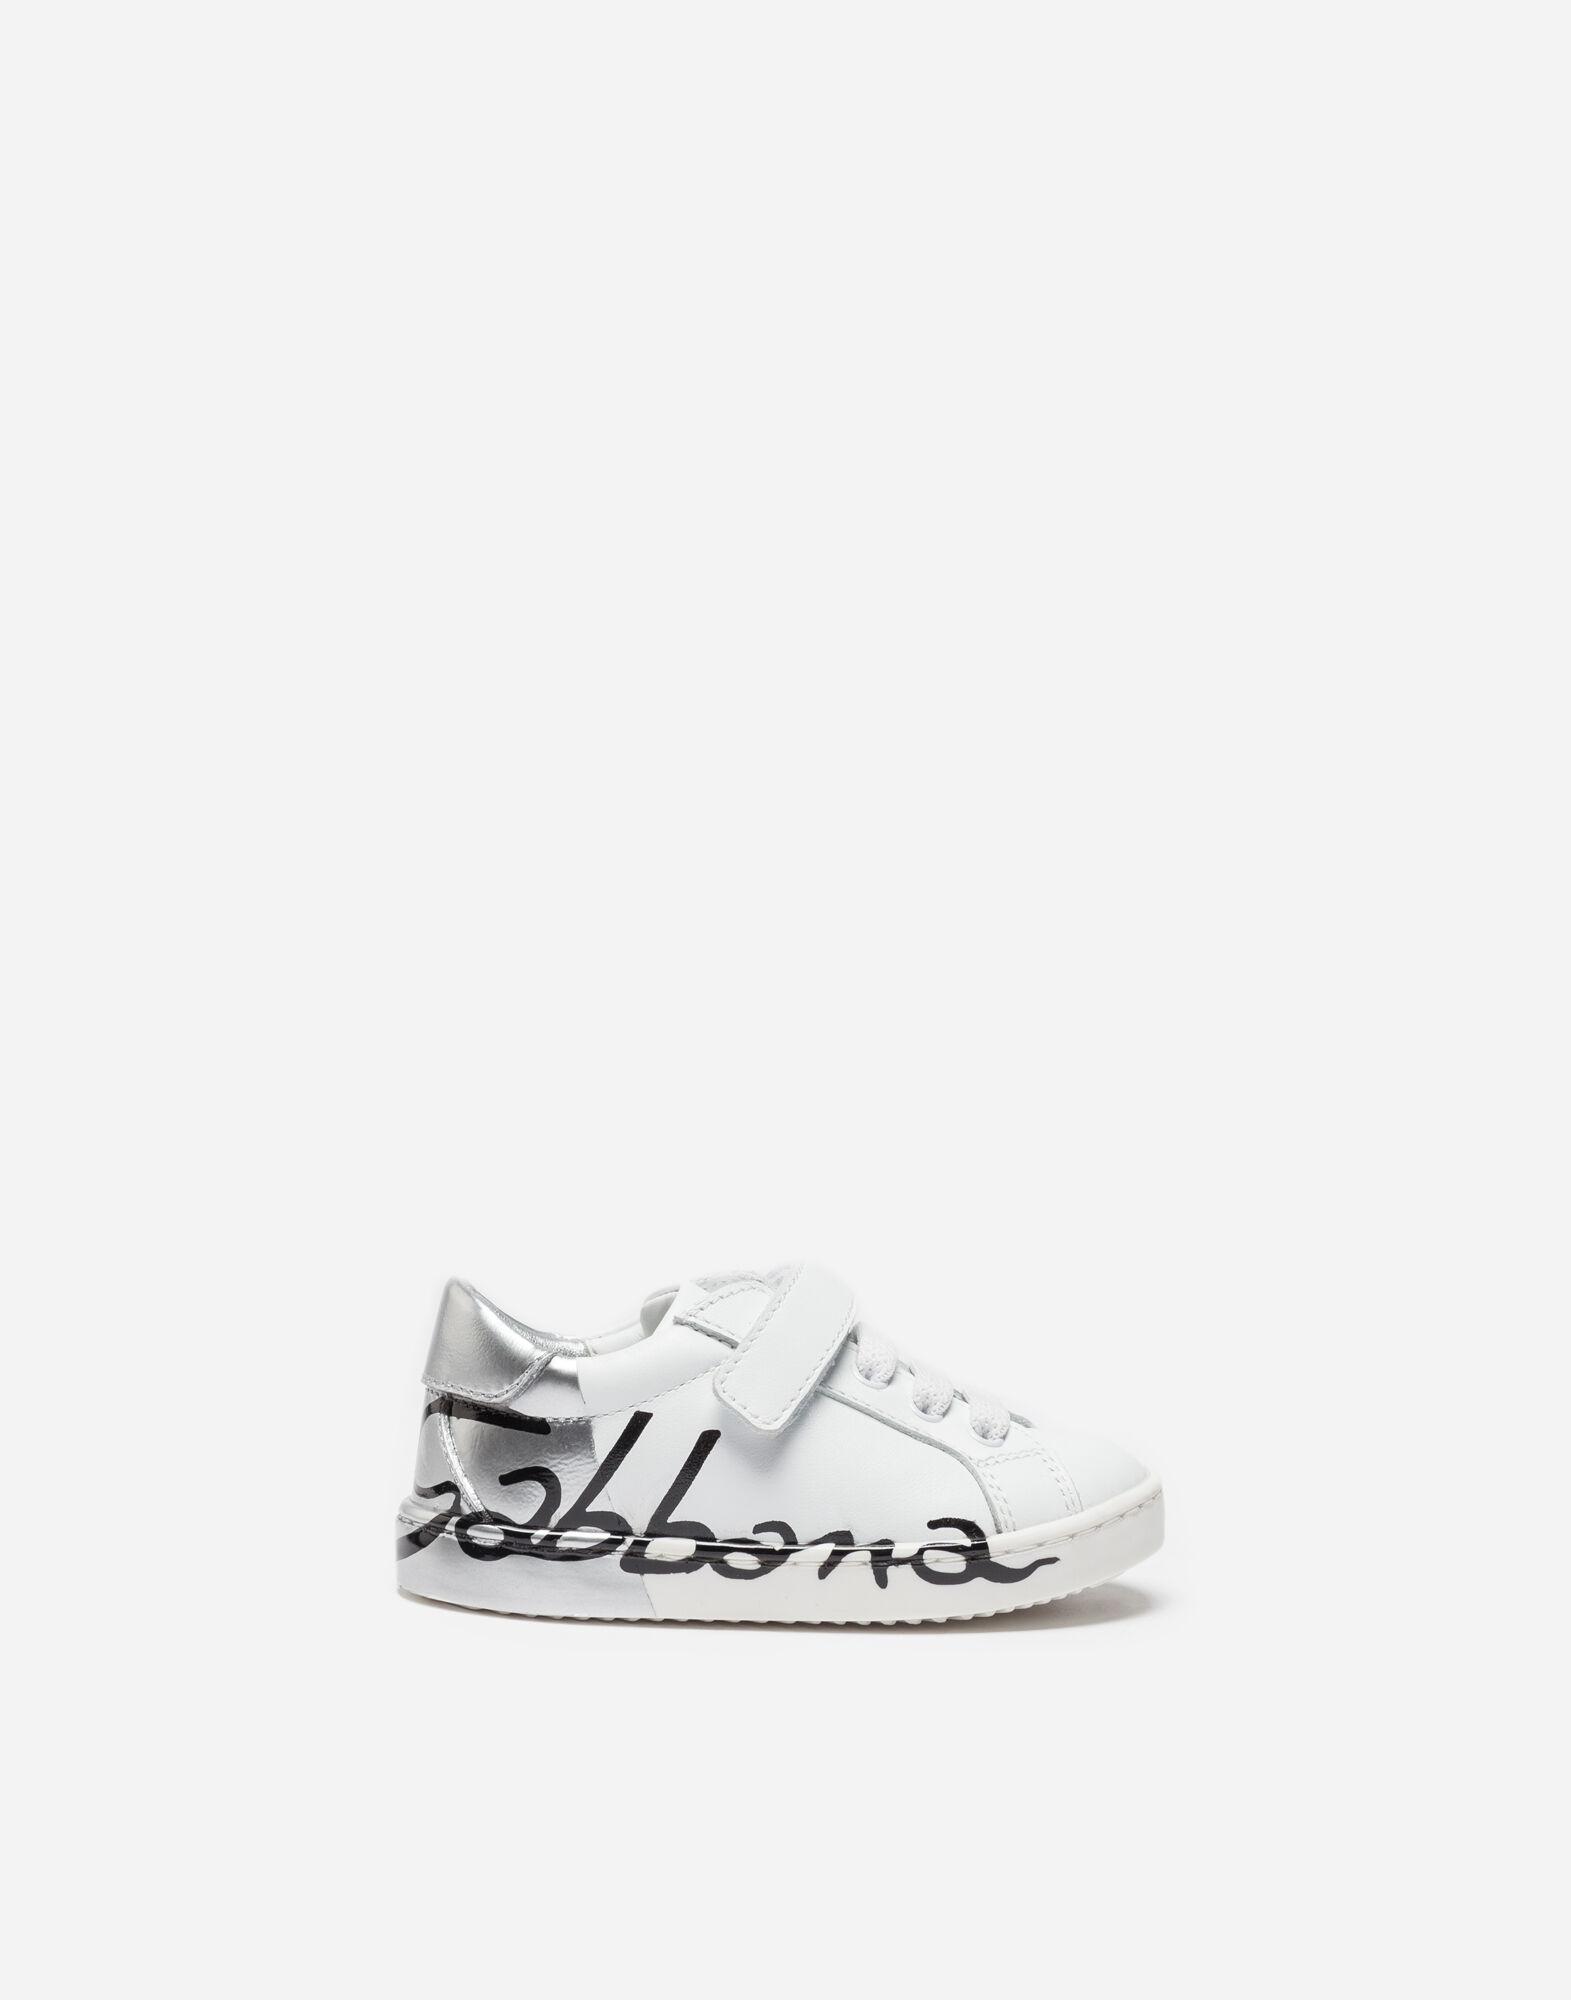 Premiers amp;Gabbana Garçon Chaussures Pas Bébé Dolce wx7zpWq1Y